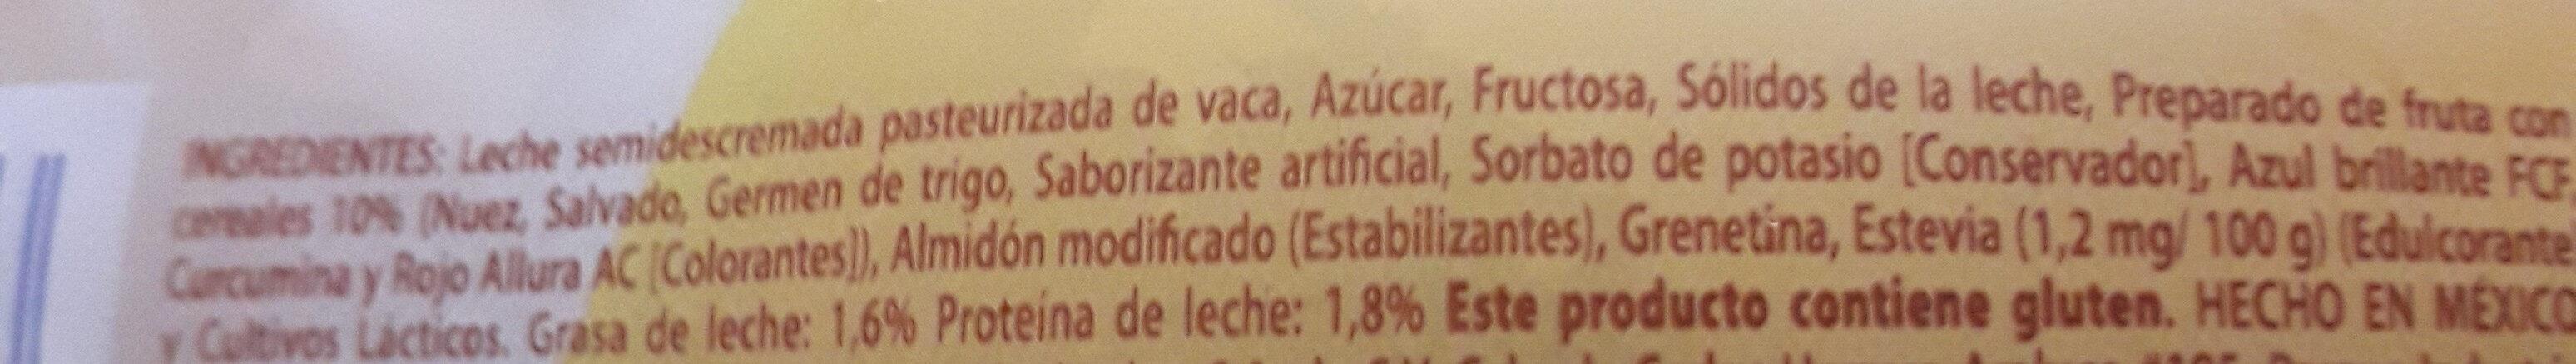 licuado de yoghurt c/ FRUTA NUEZ - Ingredients